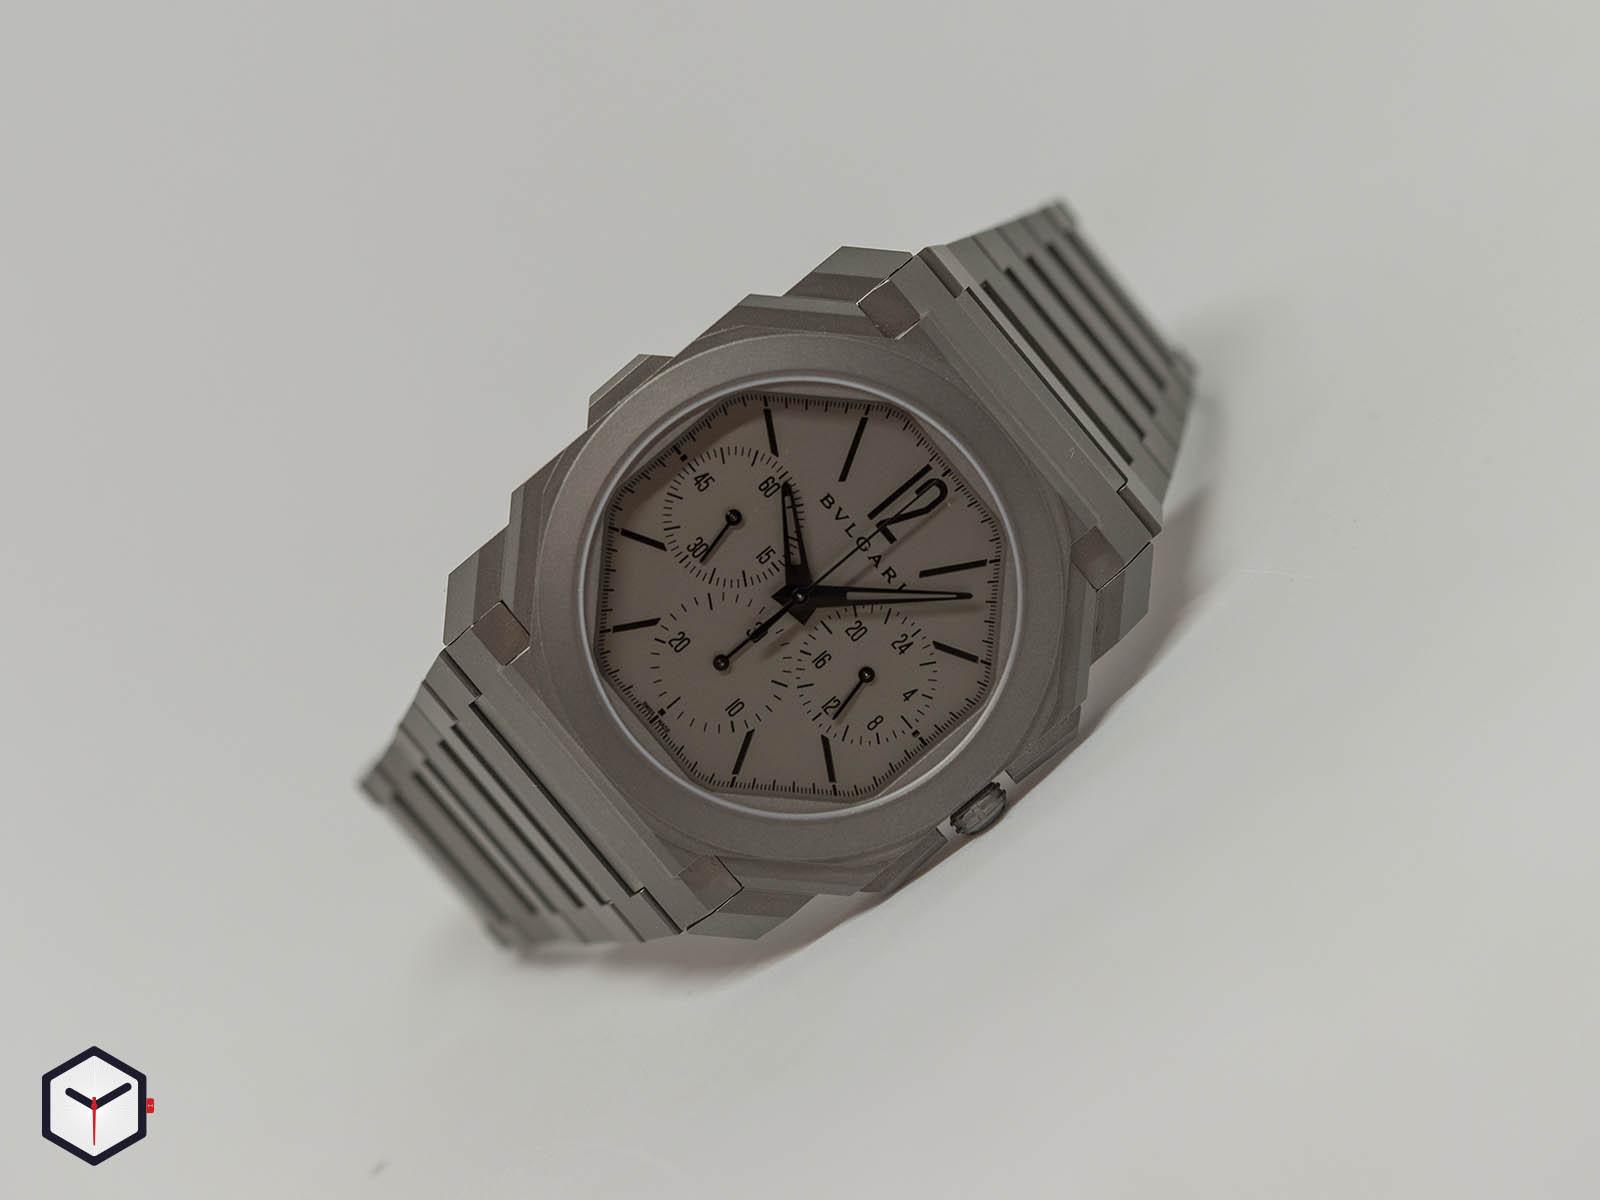 103068-bulgari-octo-finissimo-chronograph-gmt-automatic-baselworld-2019-1.jpg